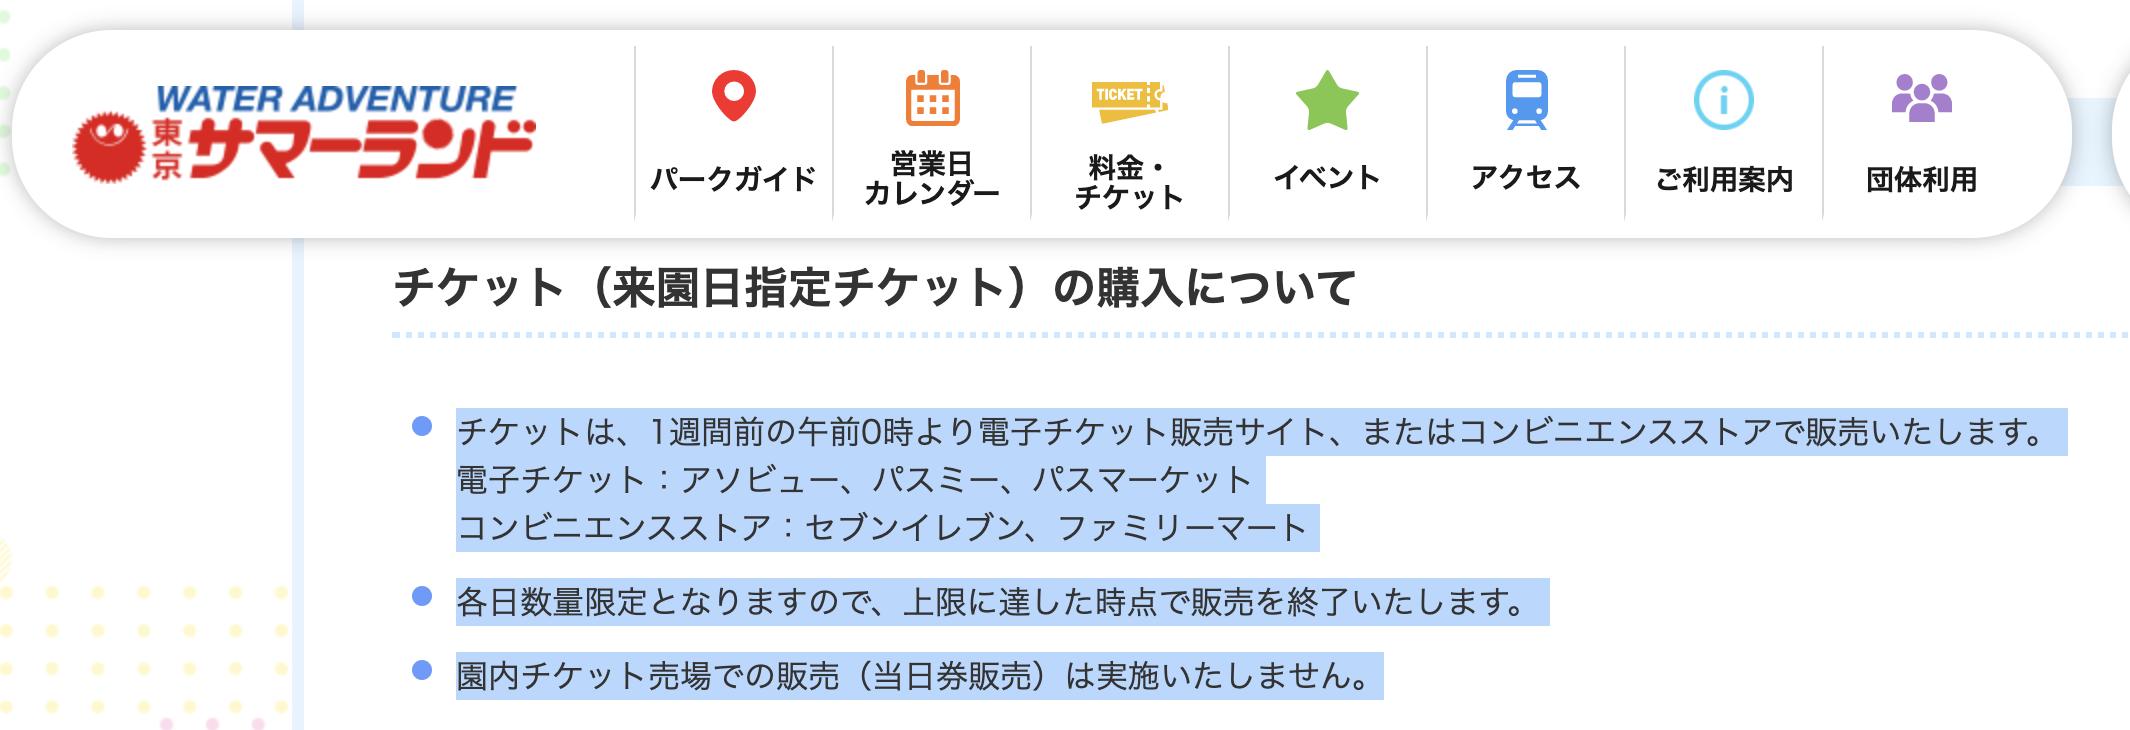 東京サマーランド割引